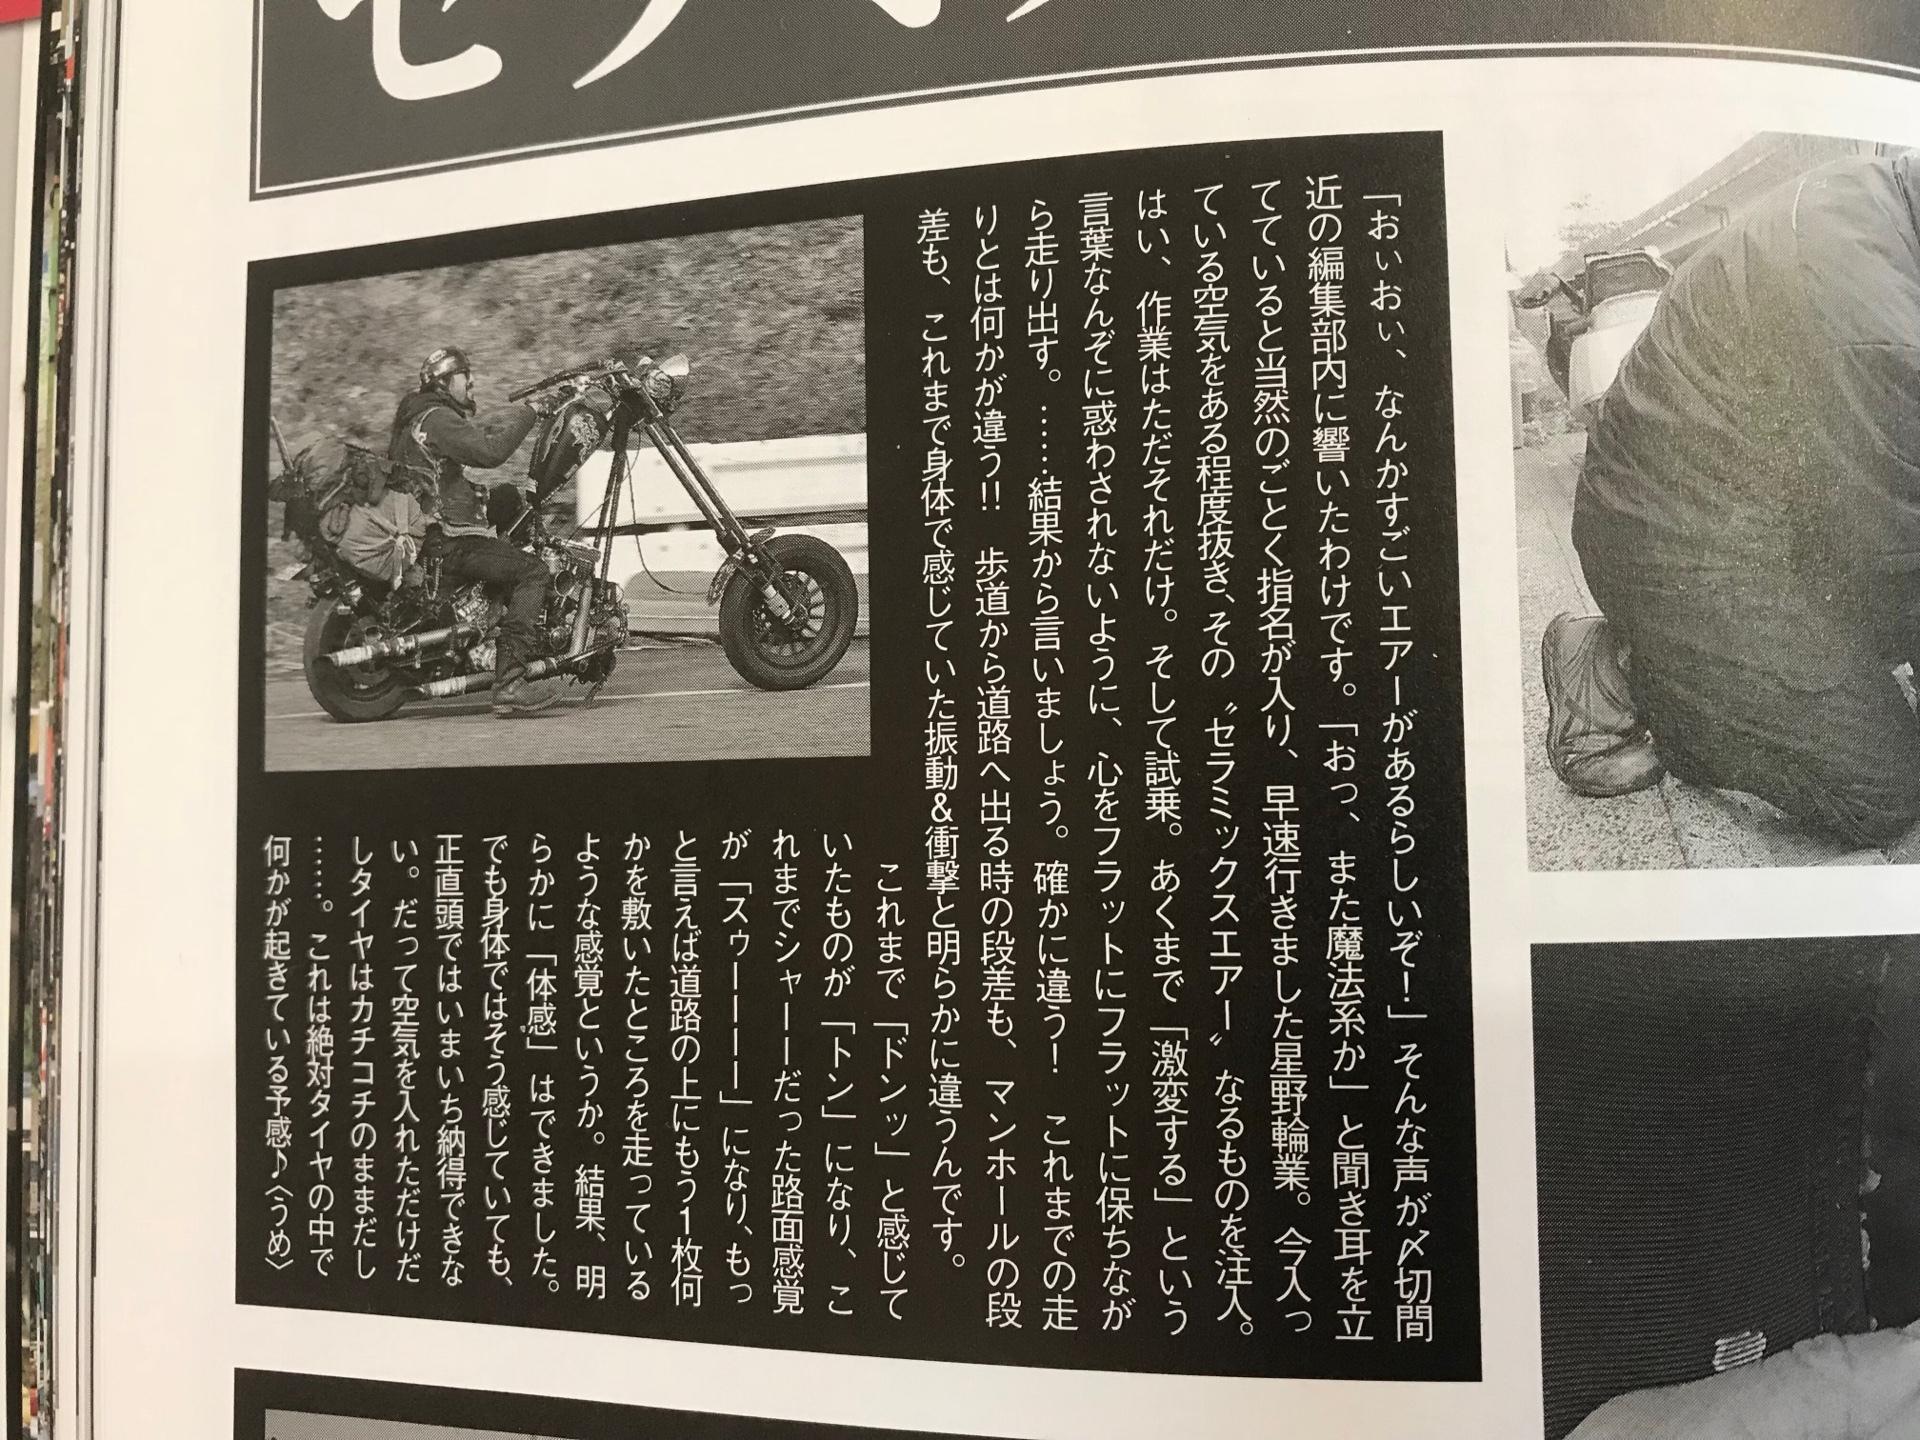 海王社【VIBES】1月号(2017/12/11発売)にて体験記事が掲載されました